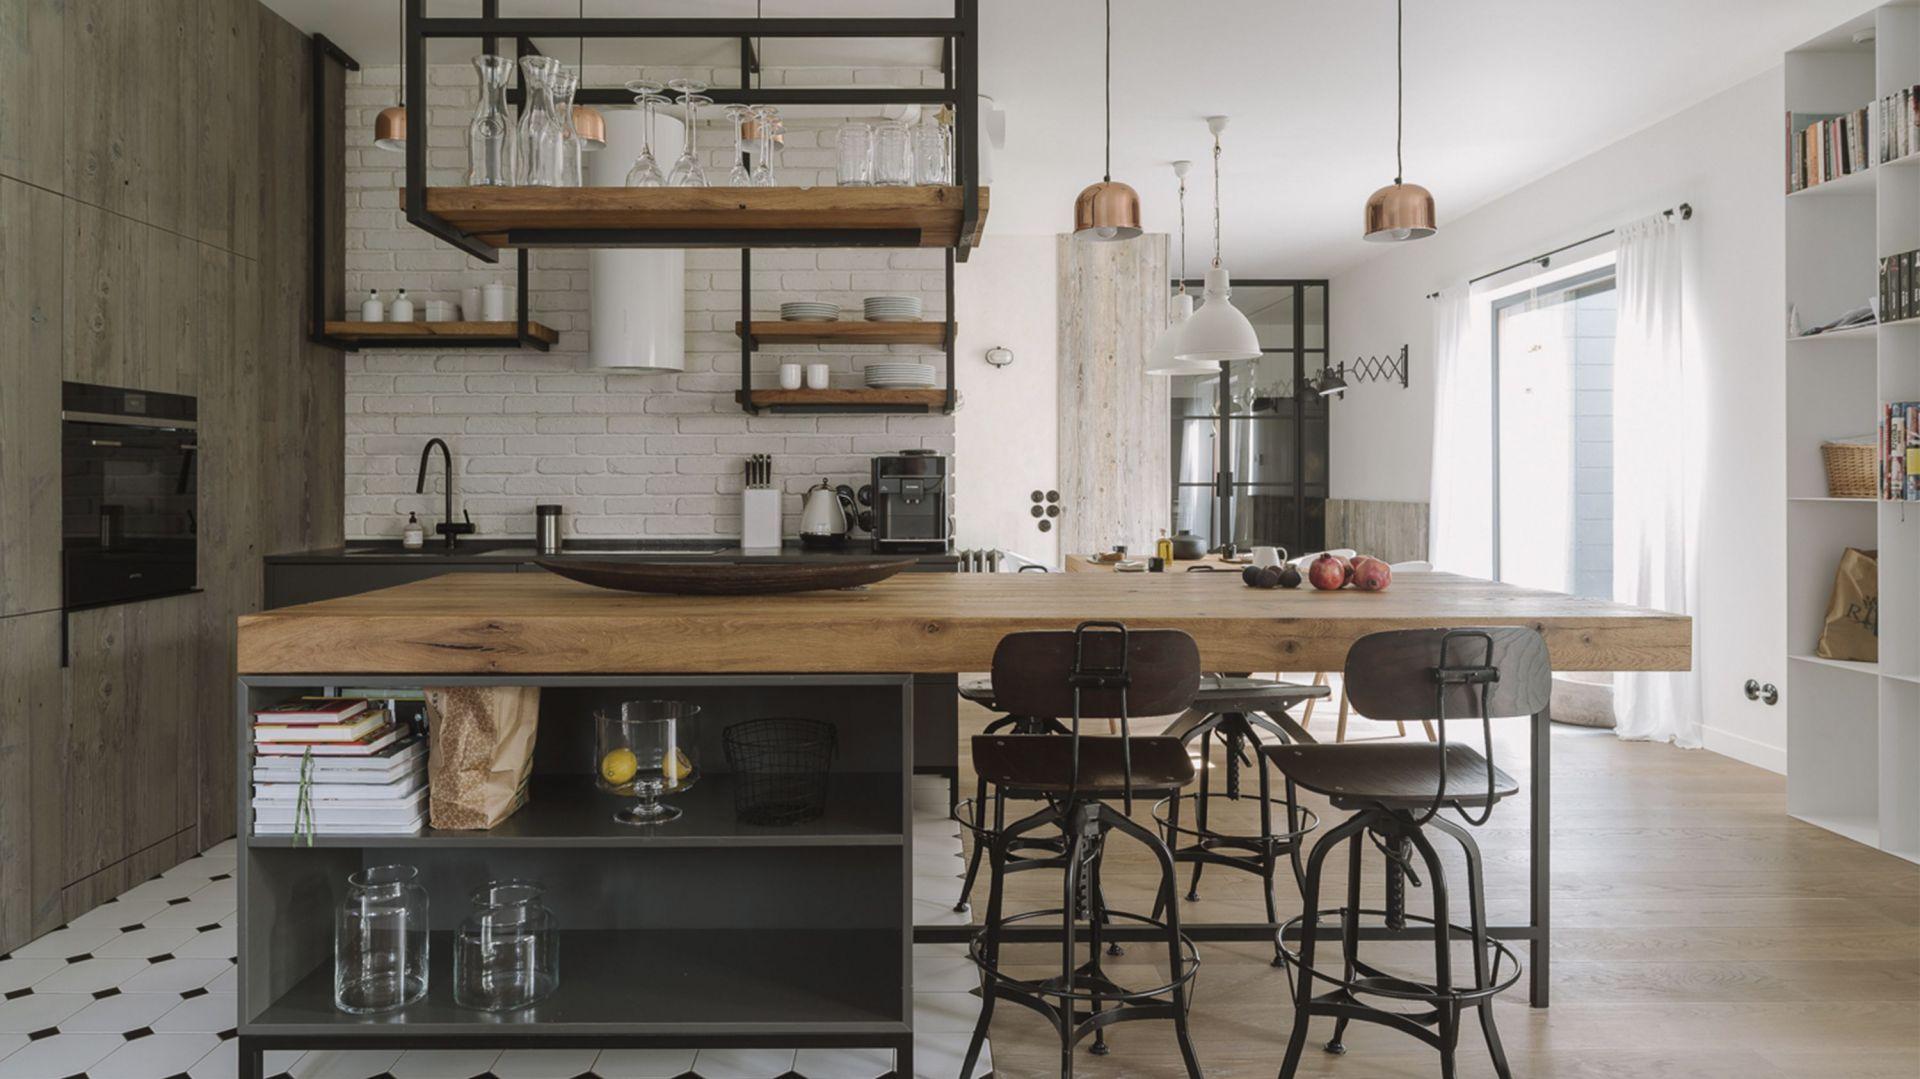 Kuchnie w stylu naturalnym. 10 pomysłów na urządzenie. Projekt O. Studio